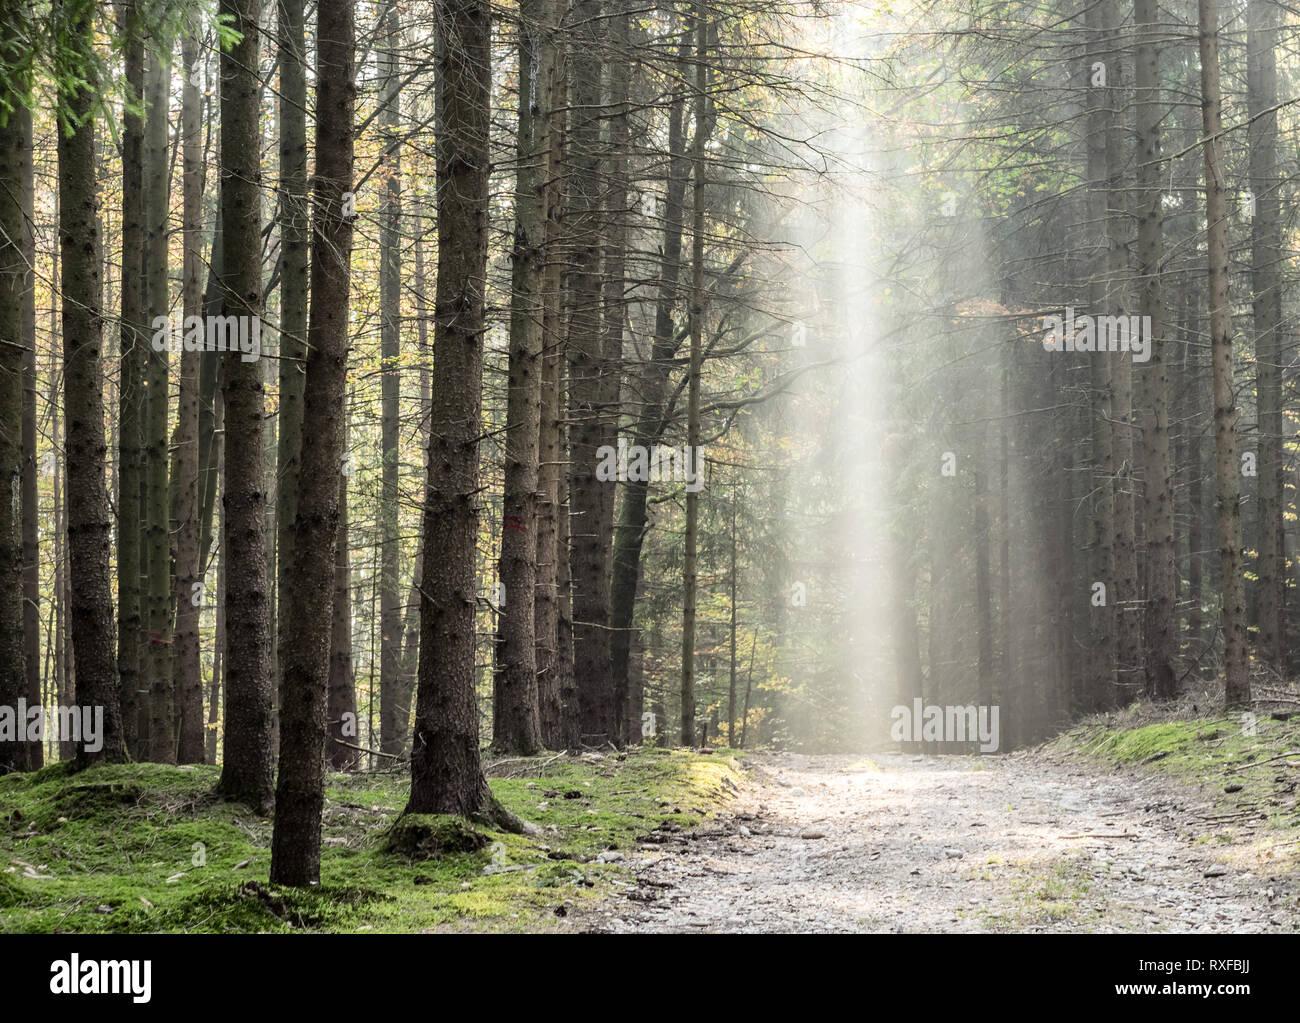 Waldweg von Sonnenstrahlen beleuchtet - Stock Image